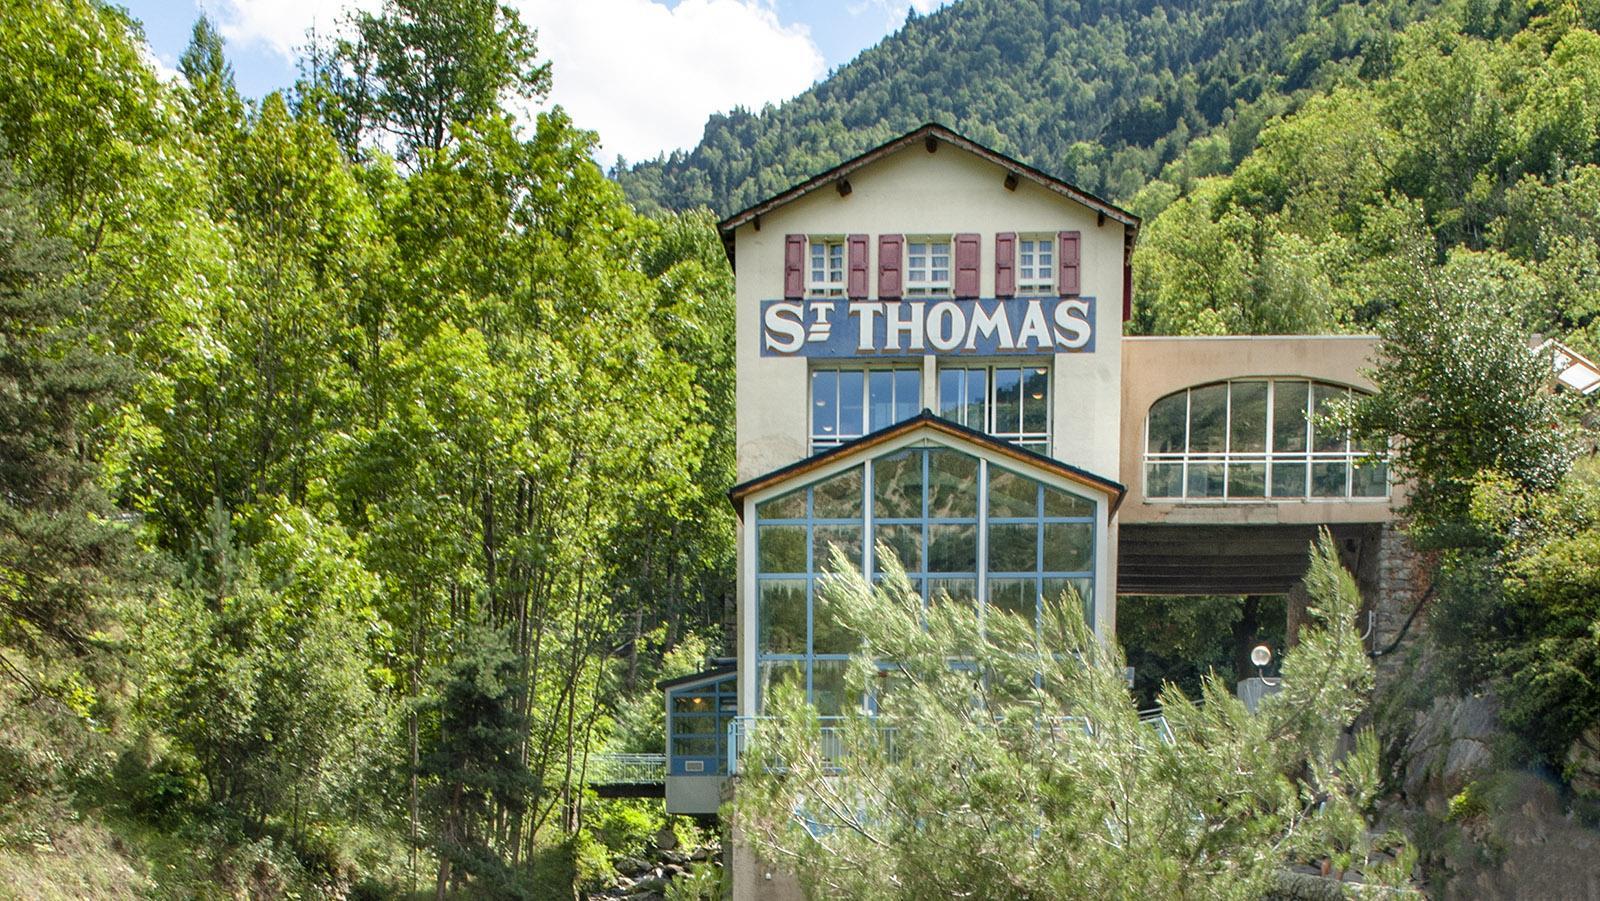 Mitten im Wald: die Bains Saint-Thomas. Foto: Hilke Maunder